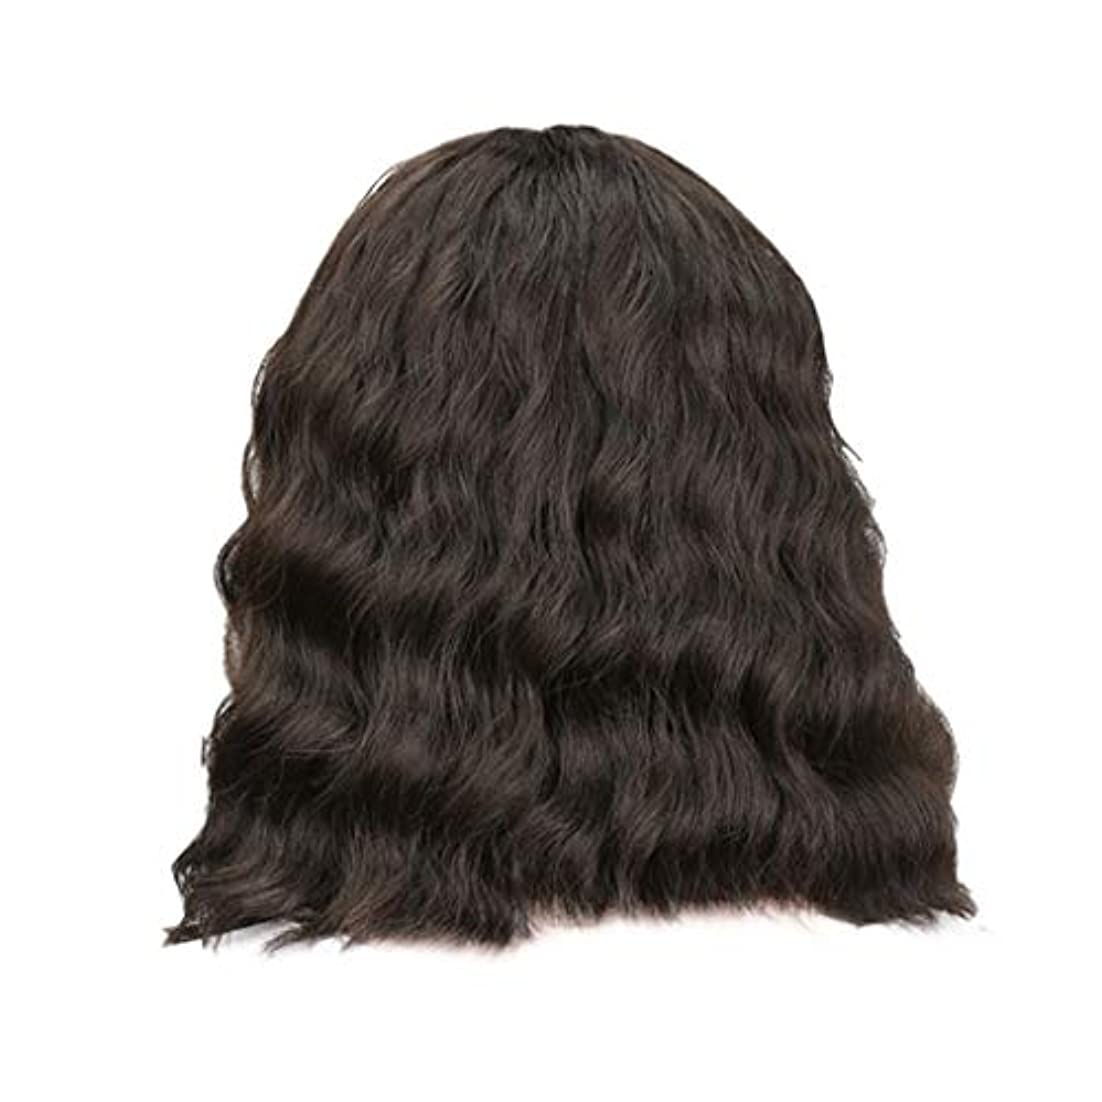 ポルトガル語スティーブンソンく女性の黒の短い巻き毛のかつらボブ波かつらローズネット34 cm